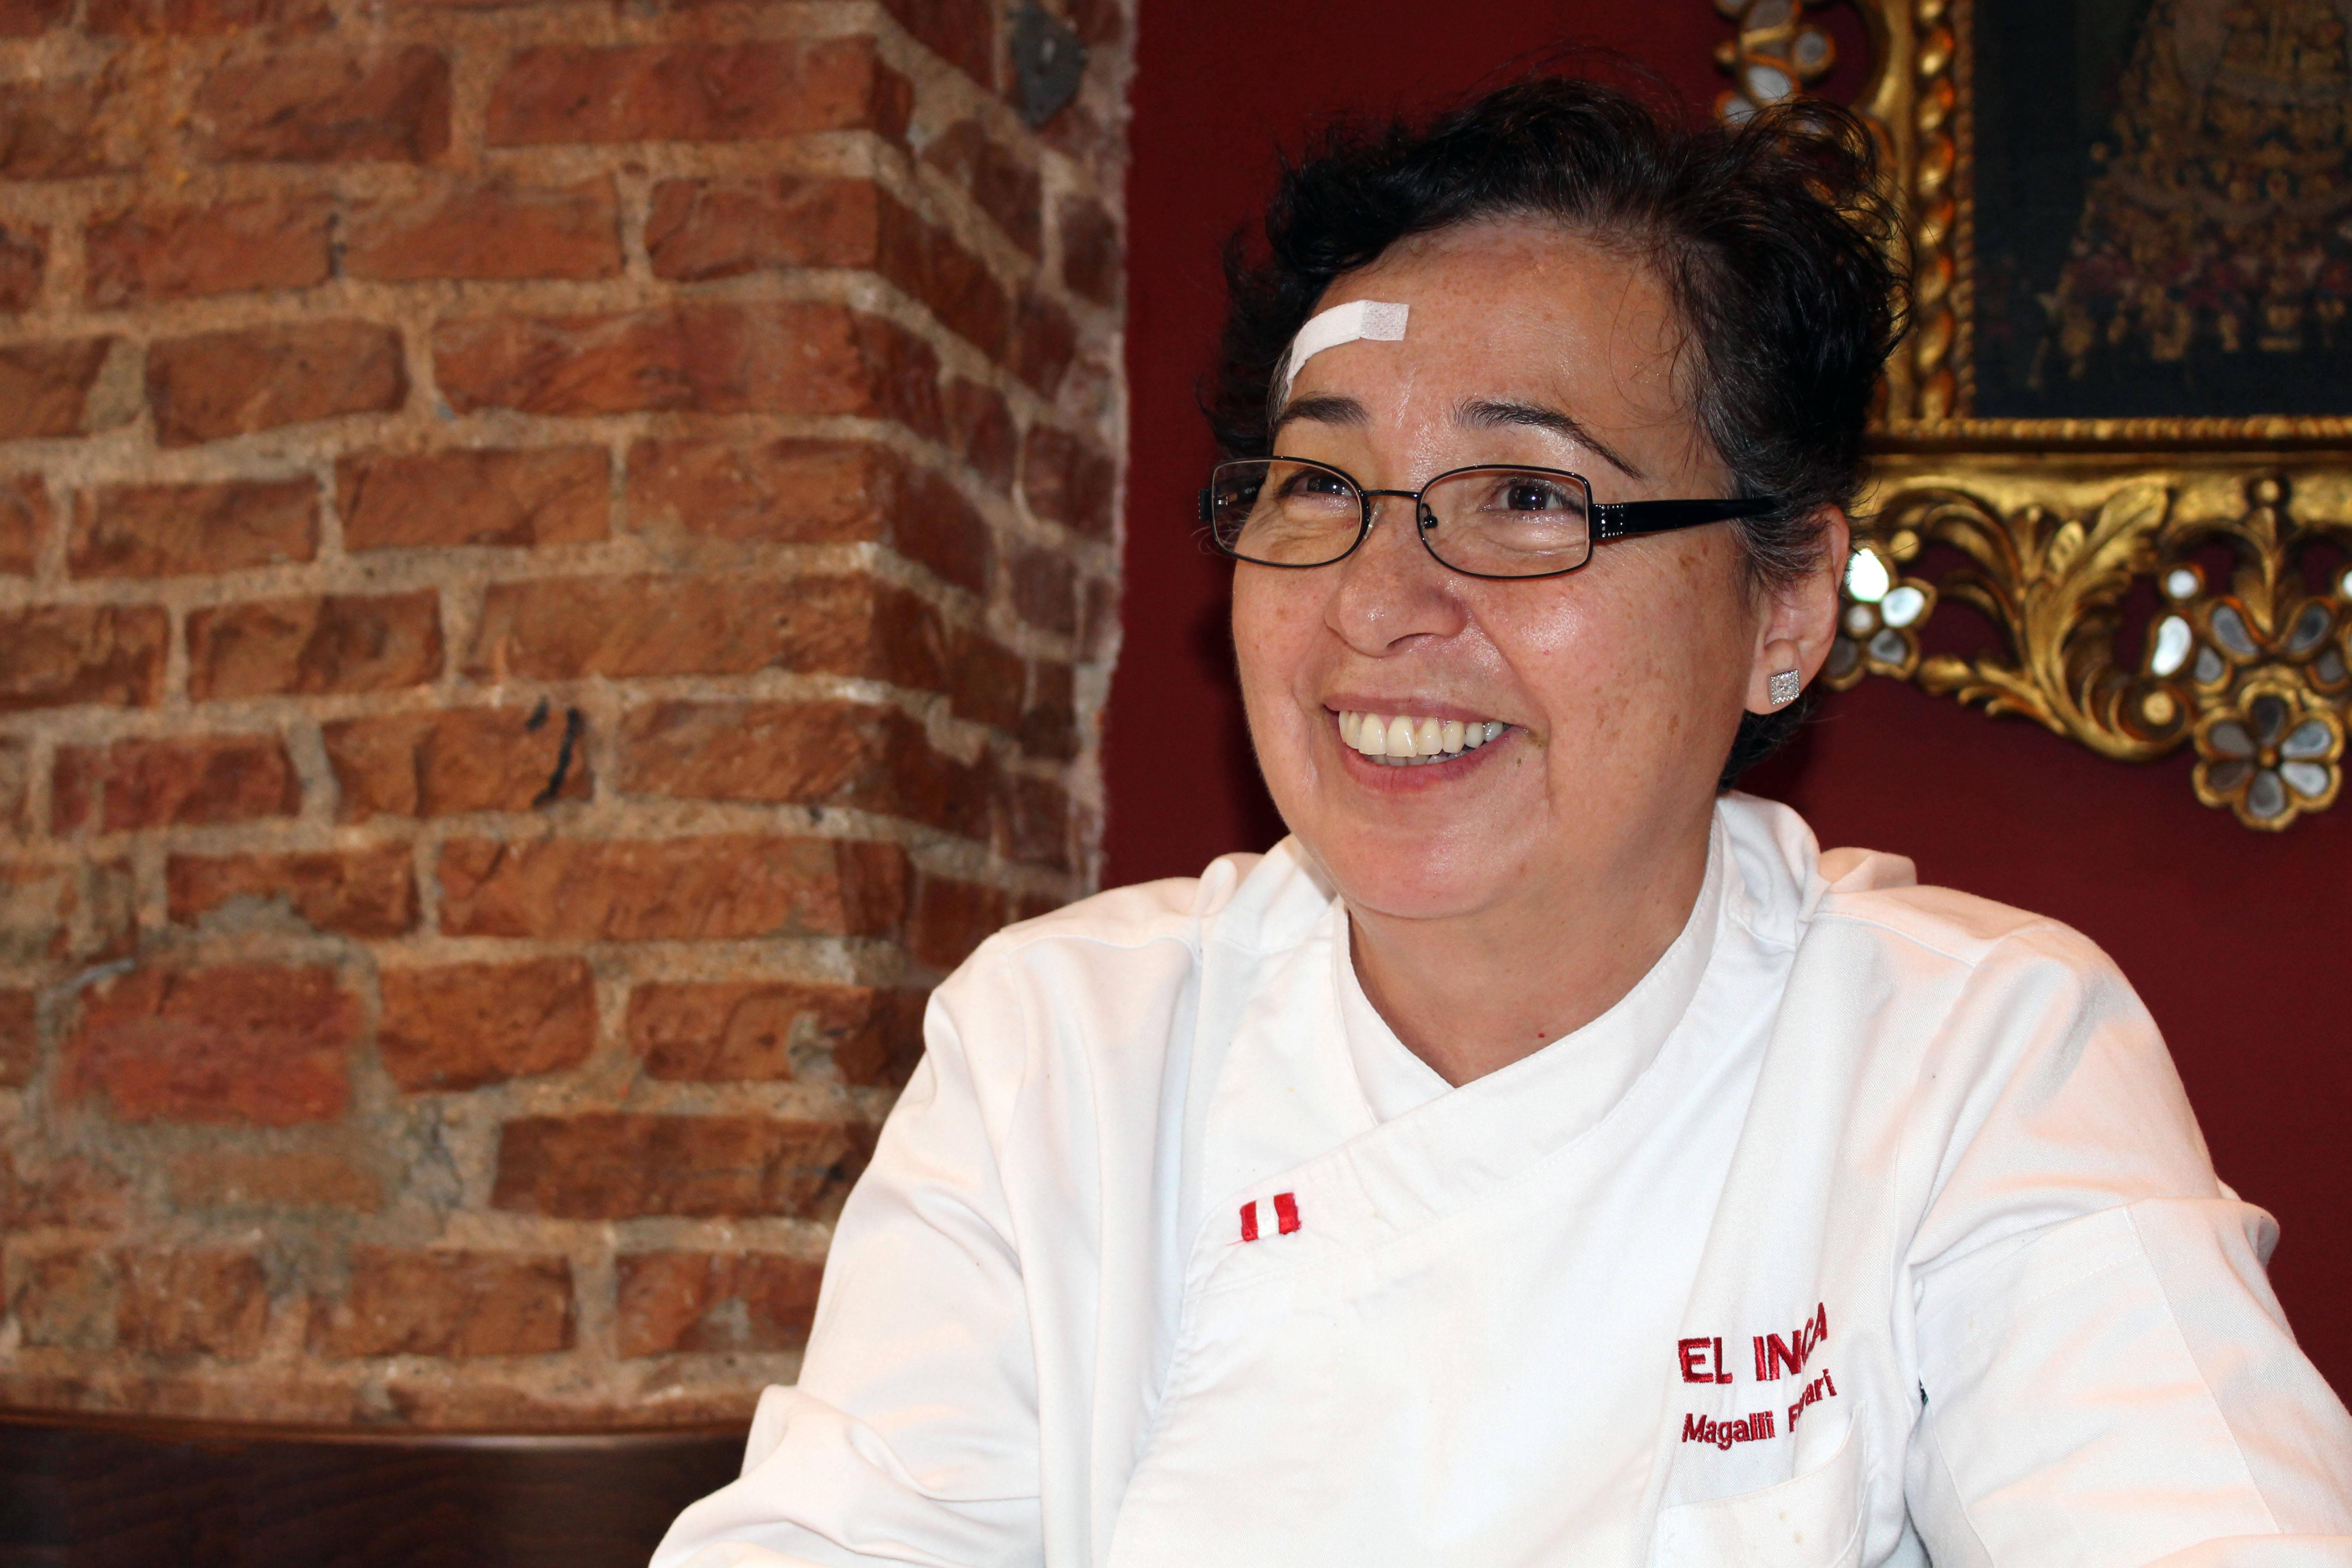 La chef destinó una inversión de 200.000 euros durante los primeros tres años de la reapertura de El Inca.